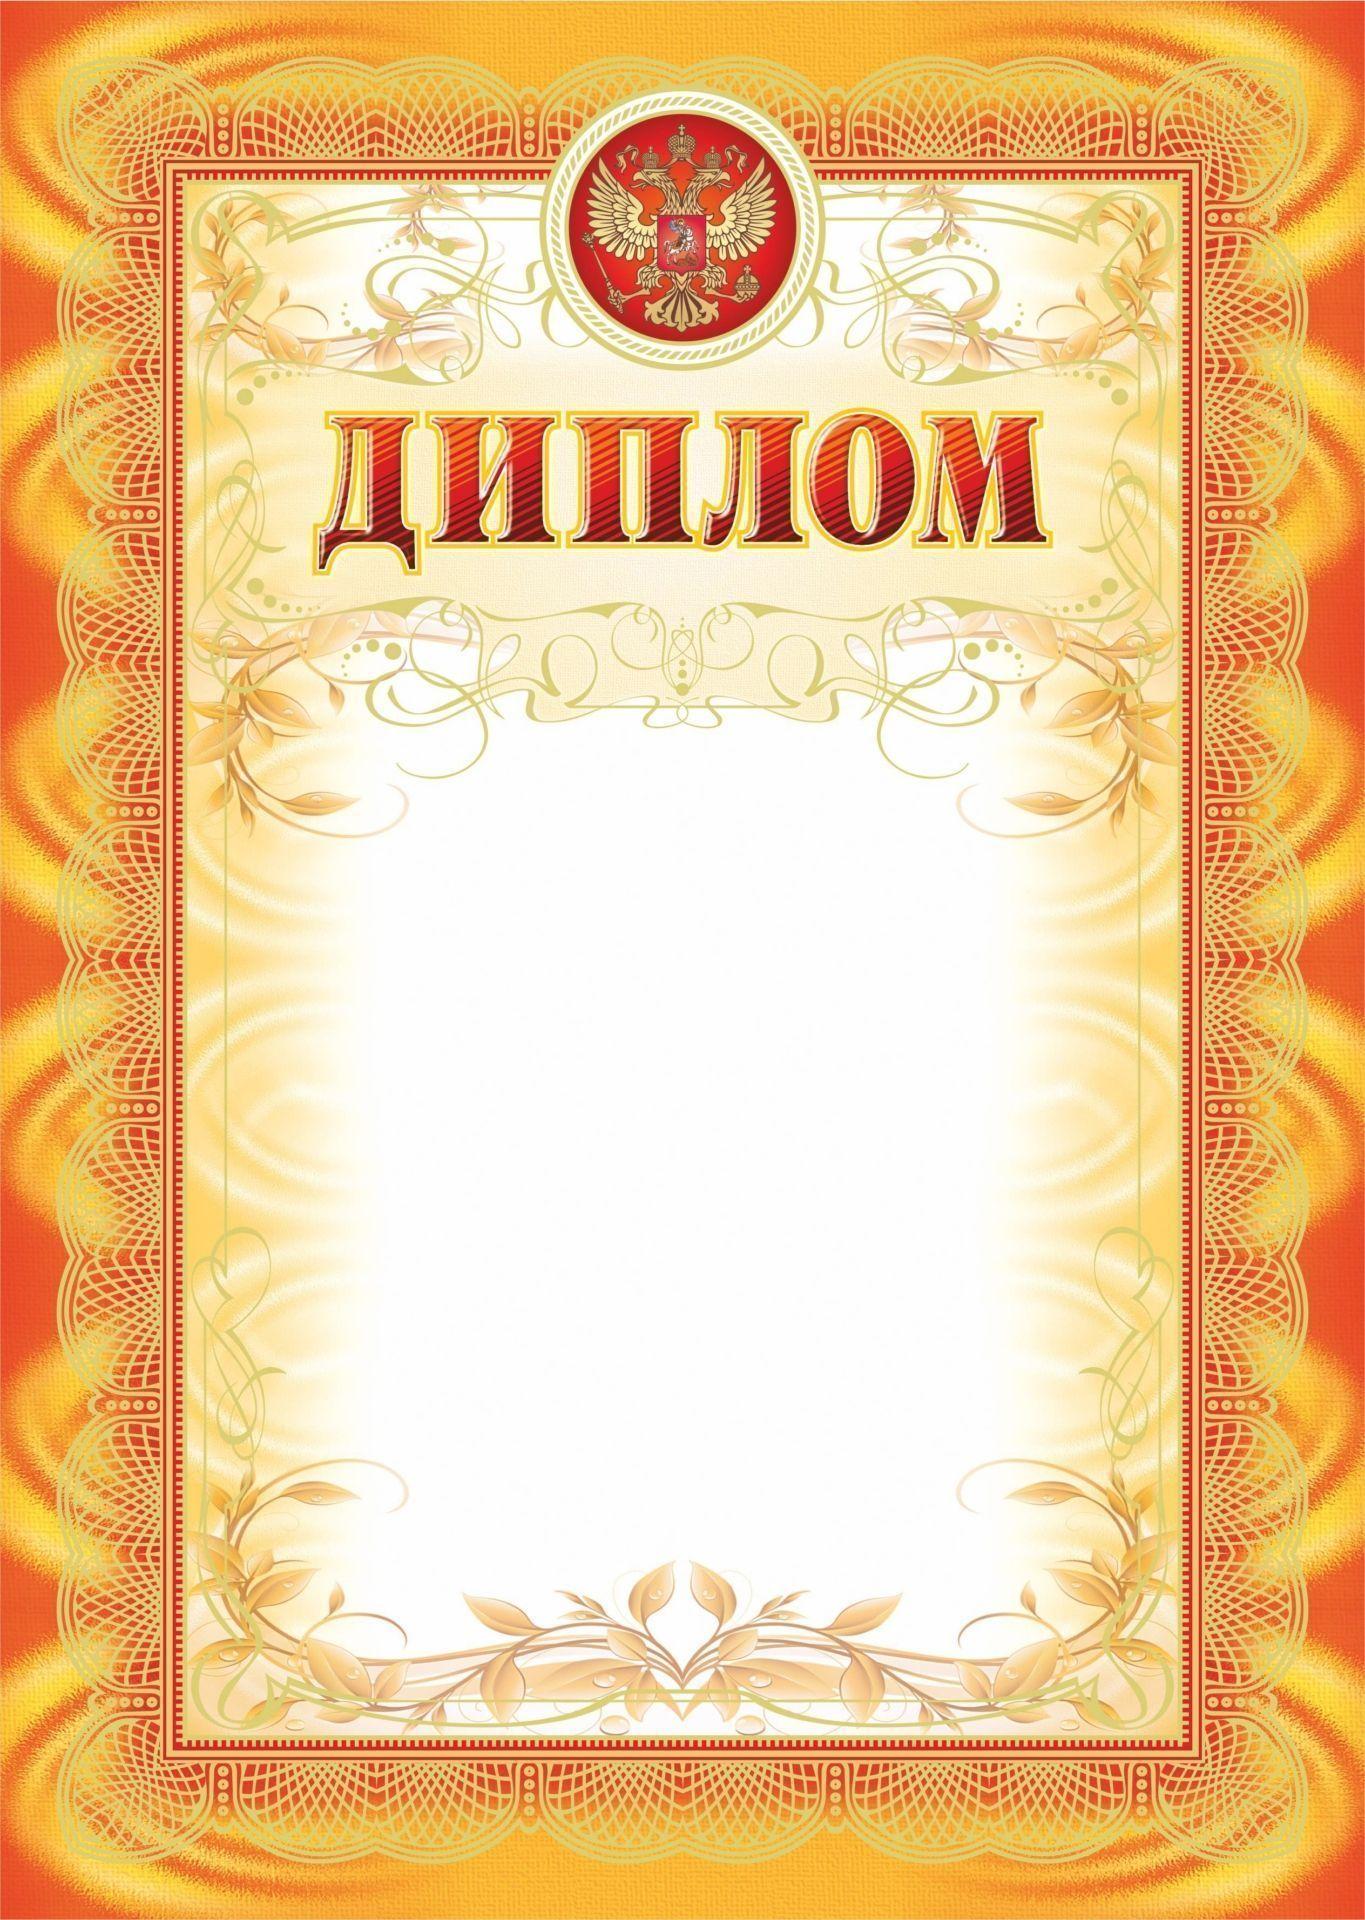 Диплом (рамка оранжевая, с тиснением)Общего назначения<br>Материалы:на обложку - бумага мелованная, пл. 250.00.<br><br>Год: 2017<br>Высота: 297<br>Ширина: 210